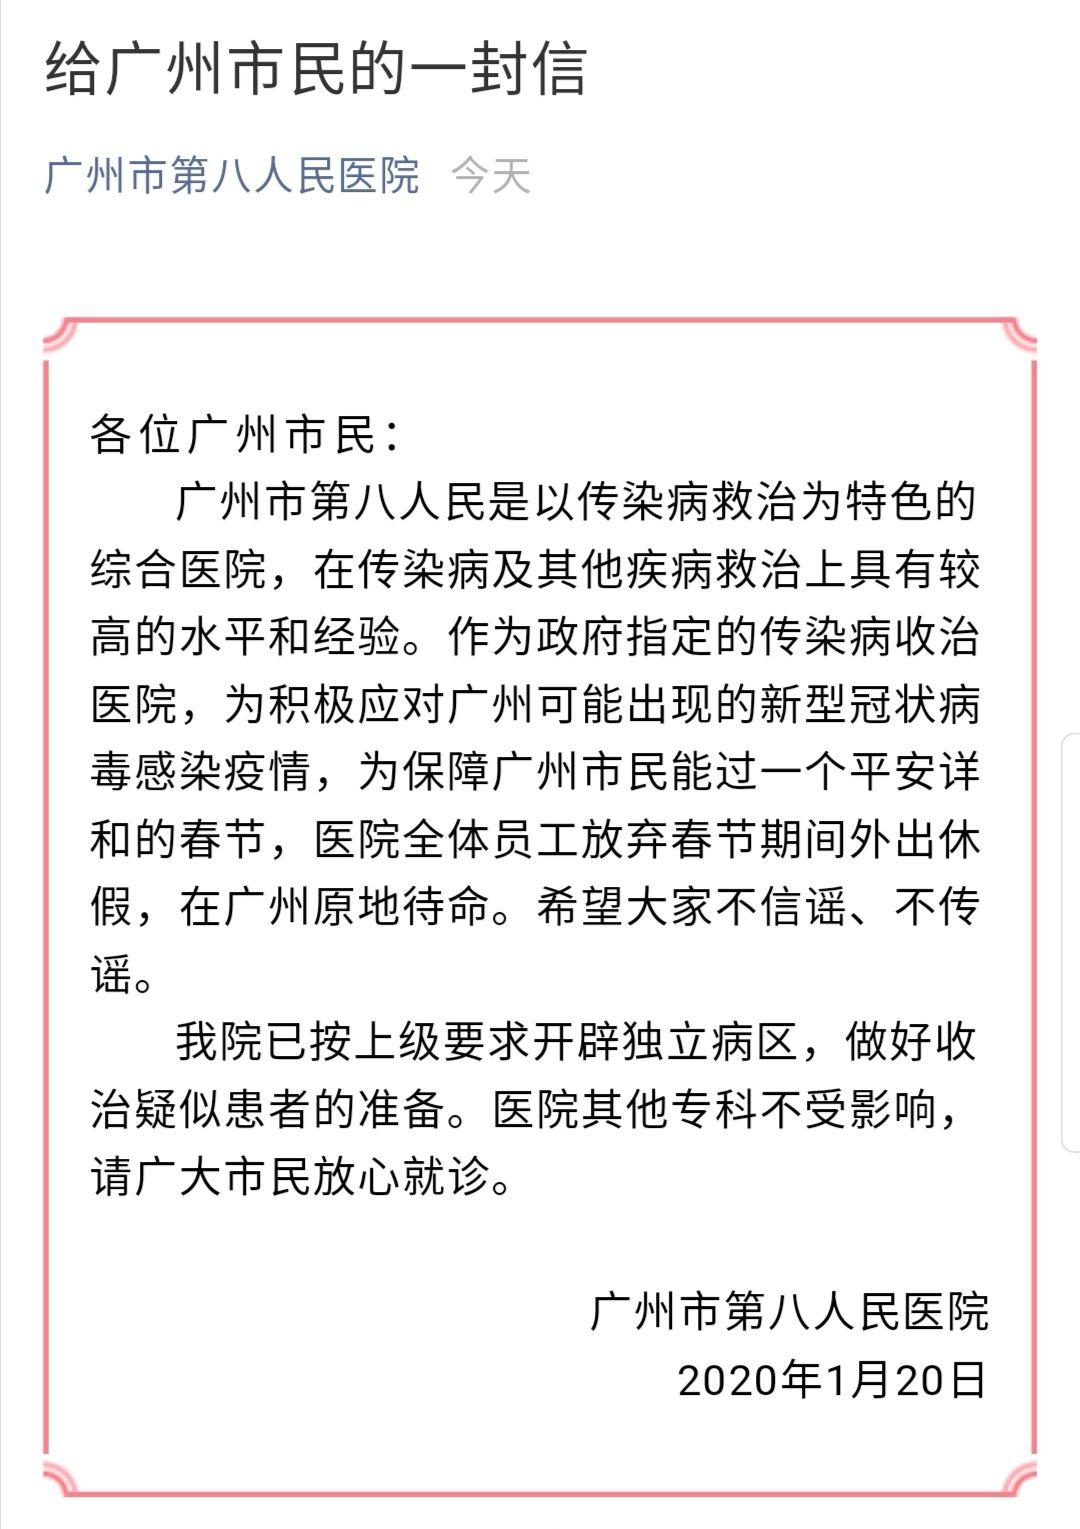 广州八院取消休假 做好收治新型肺炎疑似患者准备